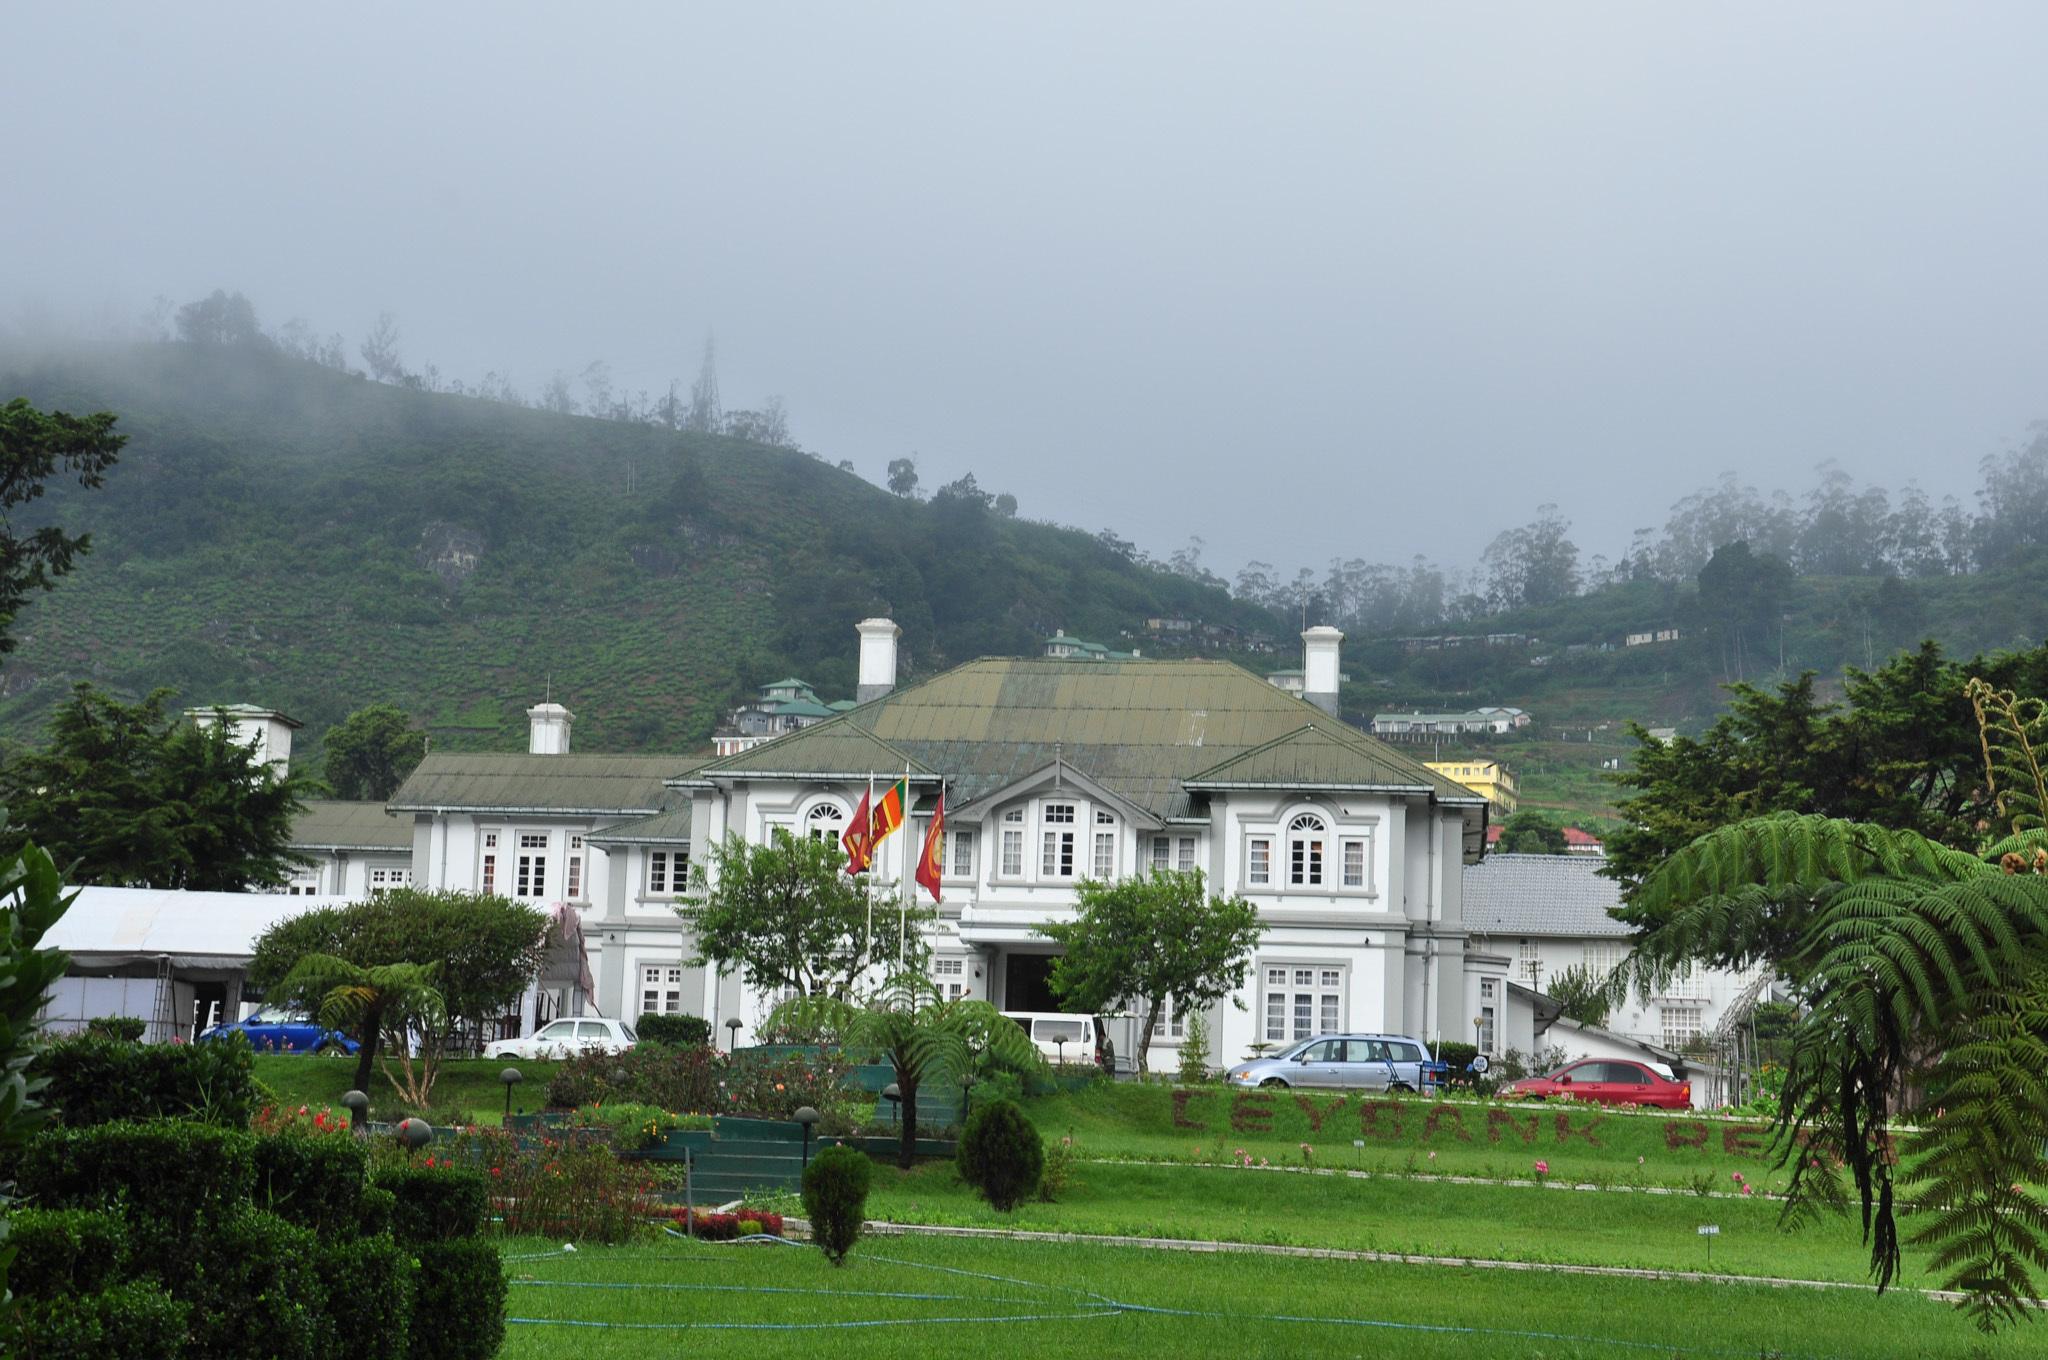 Nuwara Eliya is a town in Sri Lanka